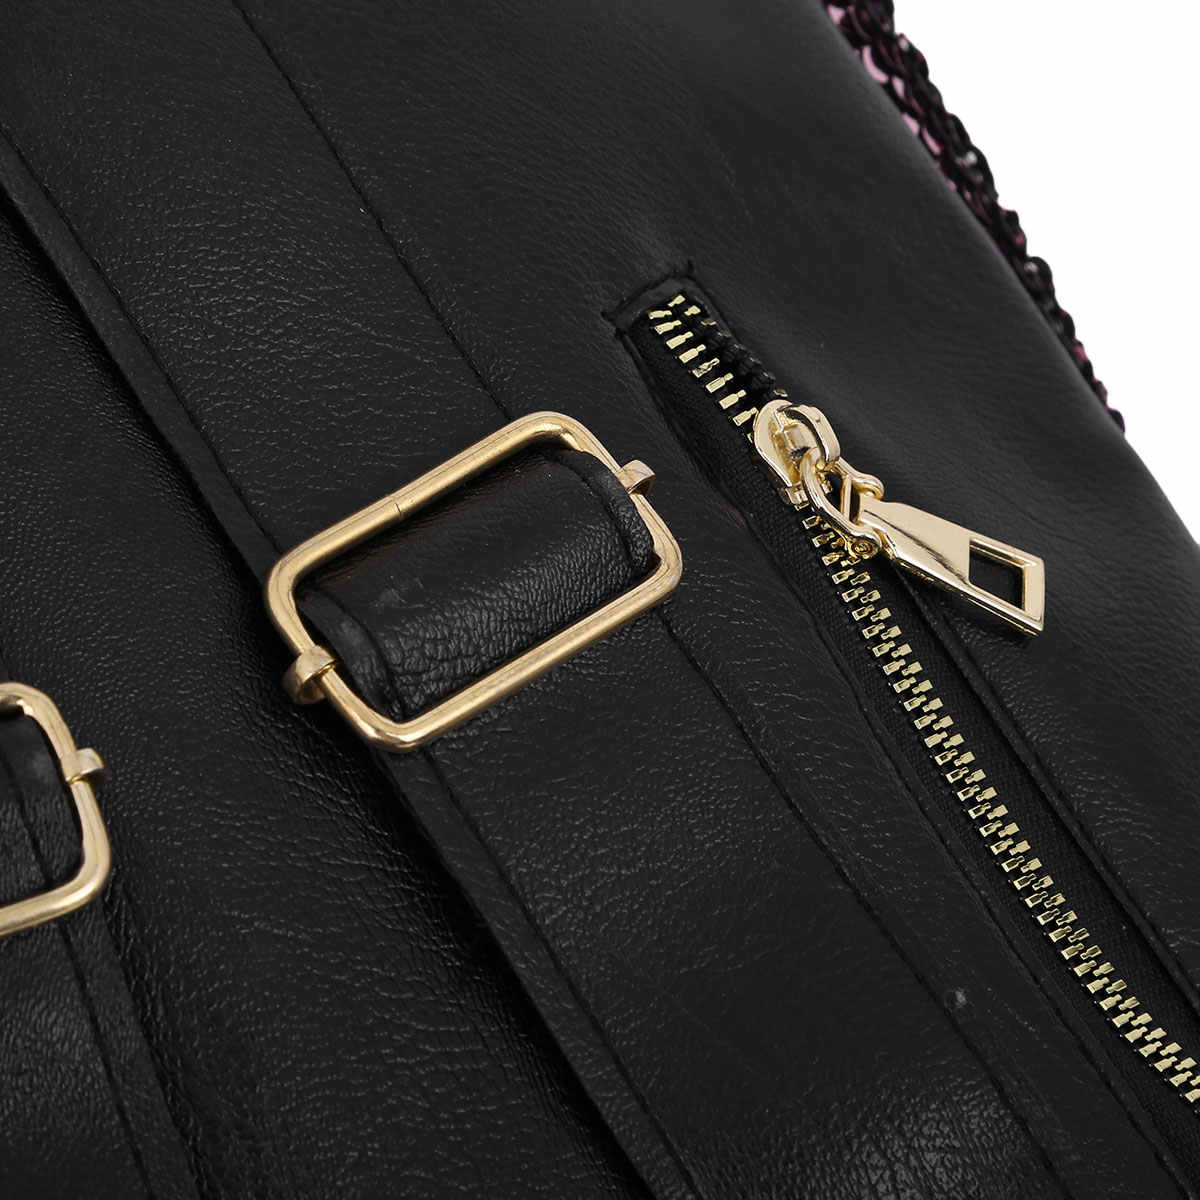 Женский балетный рюкзак сумка для дискотеки для девочек балетный рюкзак большой емкости Блестящий блестящий PU рюкзак на плечо дорожная сумка школьный